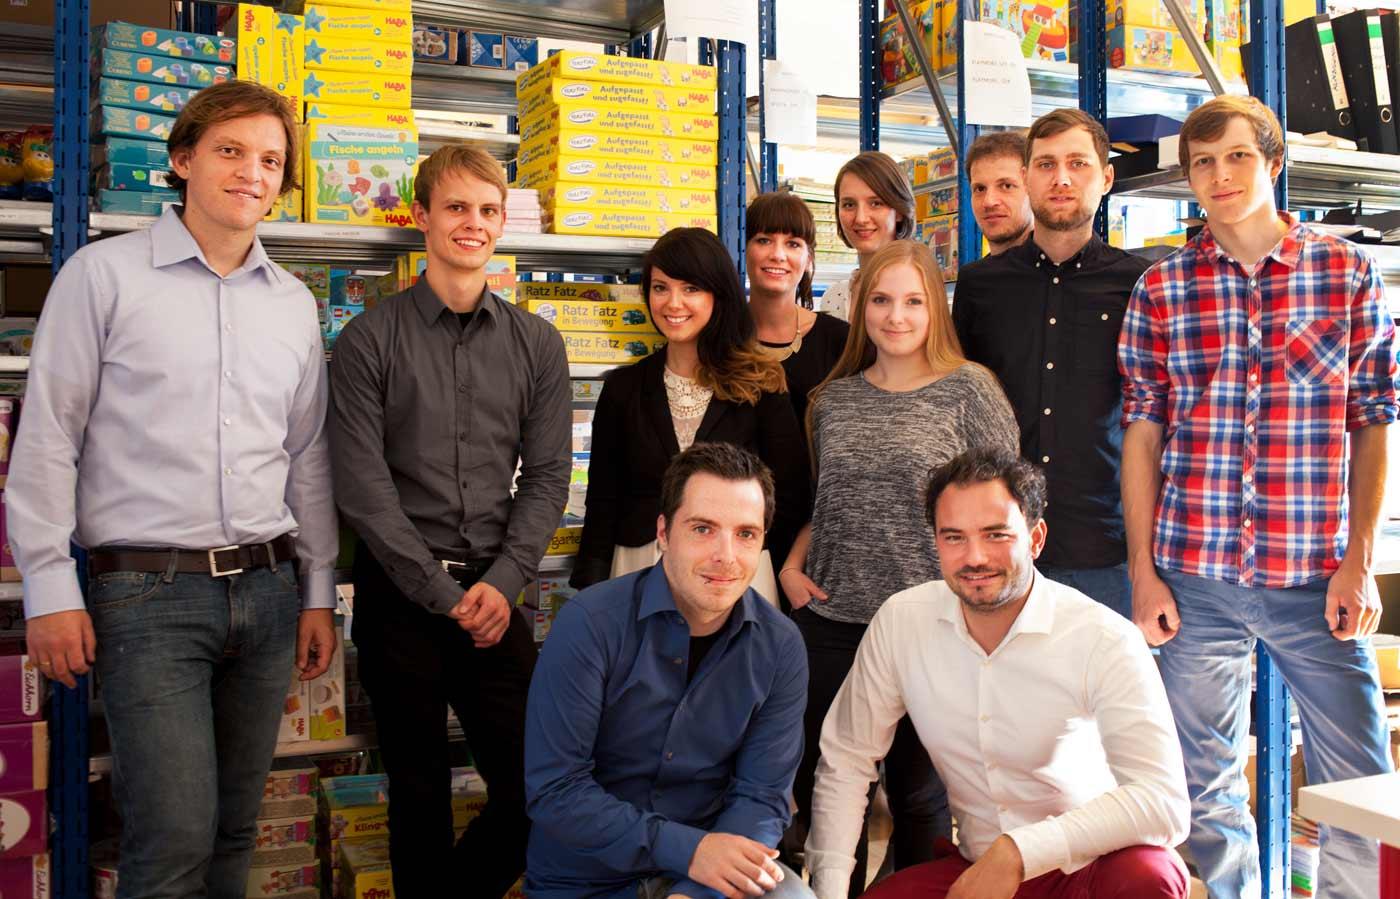 Gründer und Geschäftsführer Florian Metz und Florian Spathelf sowie das Team hinter der Spielzeugkiste.